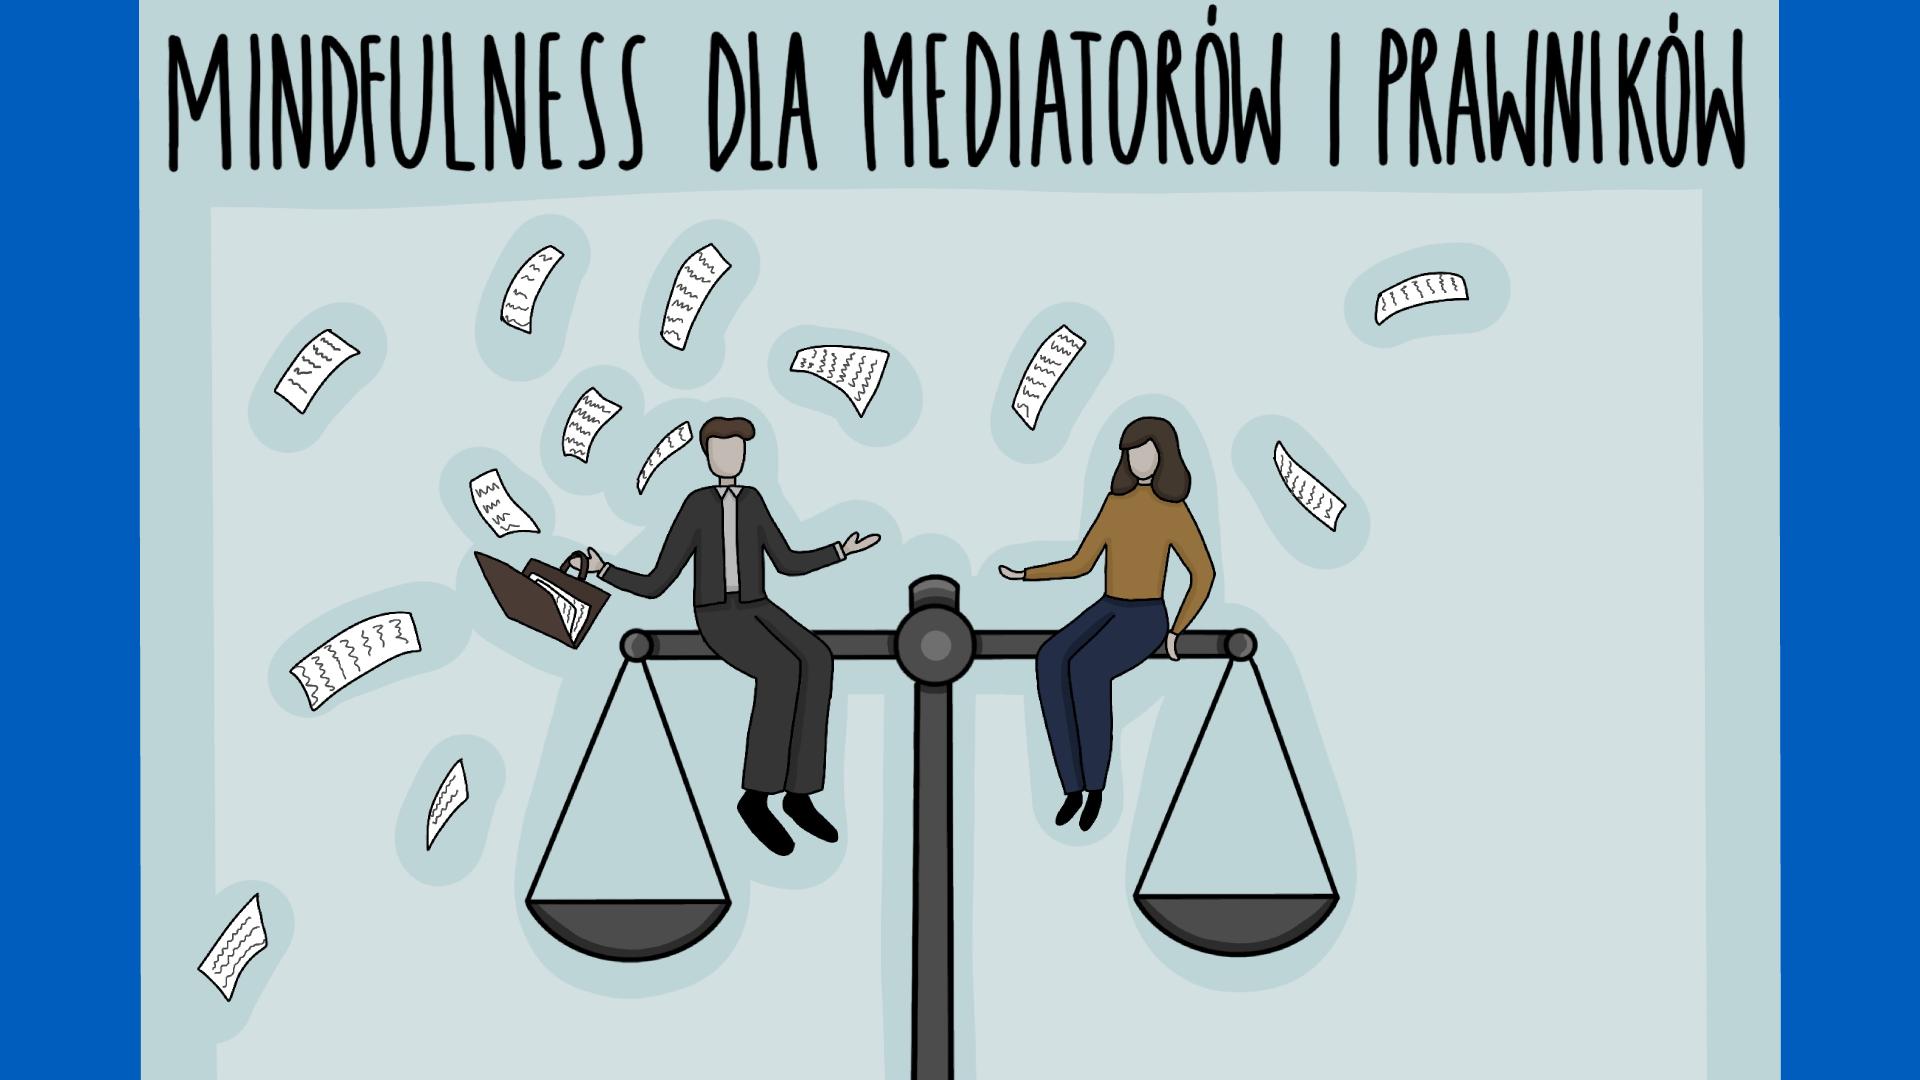 Kurs Mindfulness MBSR a kurs Mindfulness dla mediatorów i prawników.